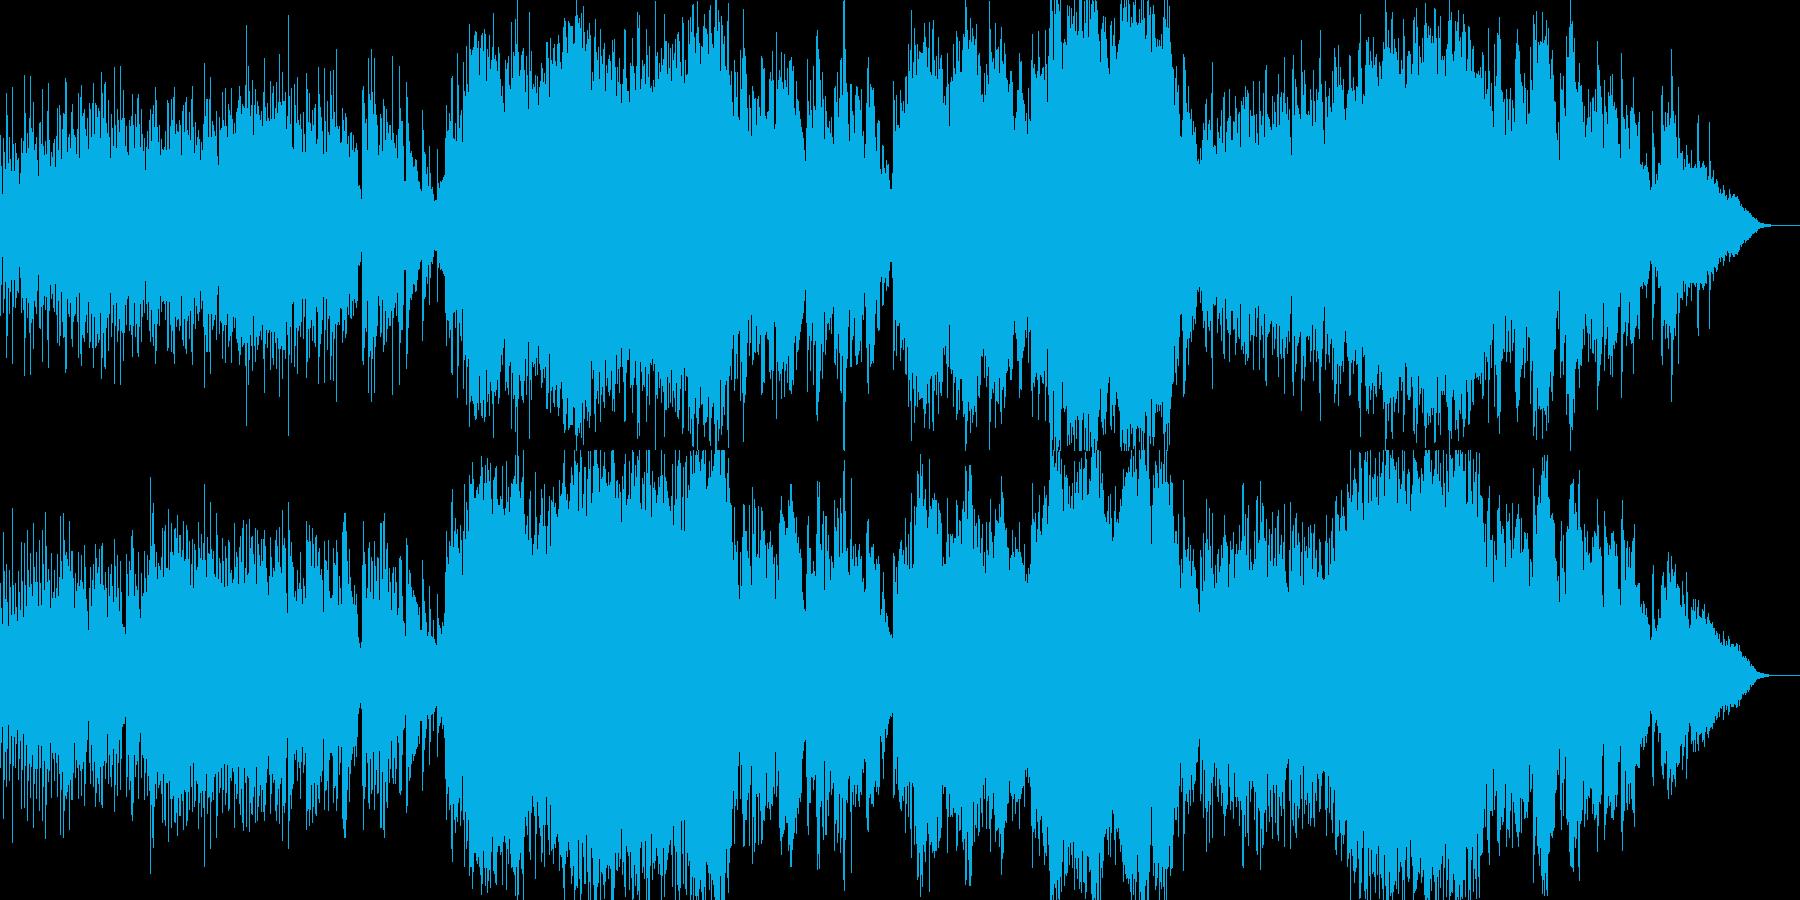 幻想的で美しいヴァイオリン曲の再生済みの波形